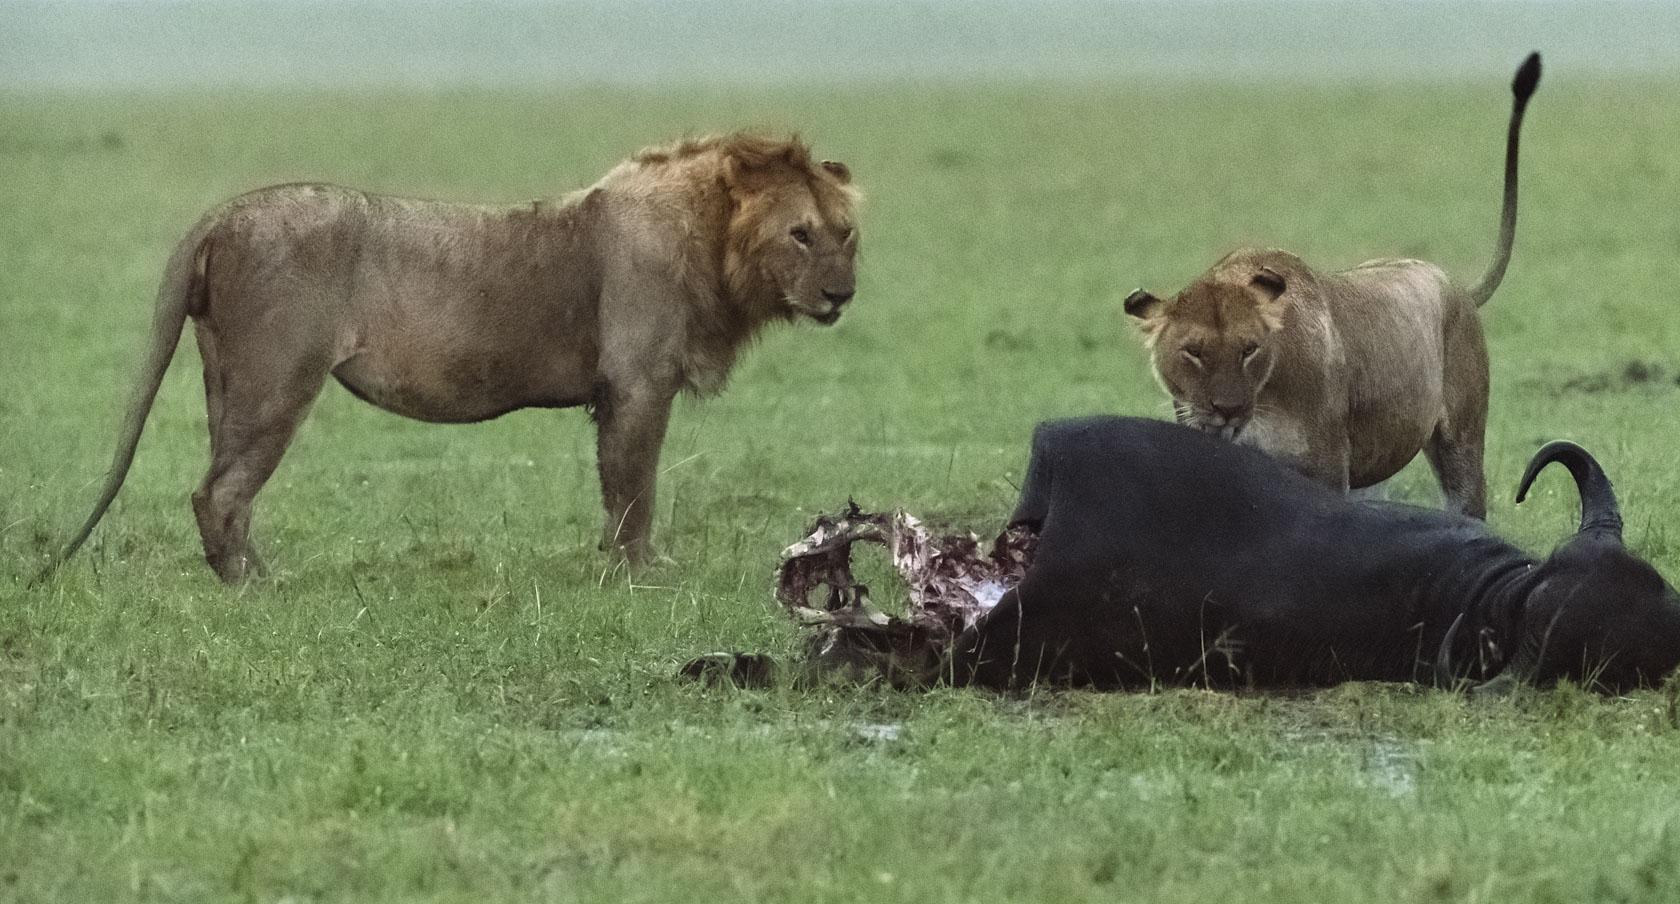 Die männlichen Löwen greifen die Löwin jetzt aber nicht an, sondern lassen sie fressen. Vielleicht ein Zeichen dafür, dass sie nun im Rudel akzeptiert ist